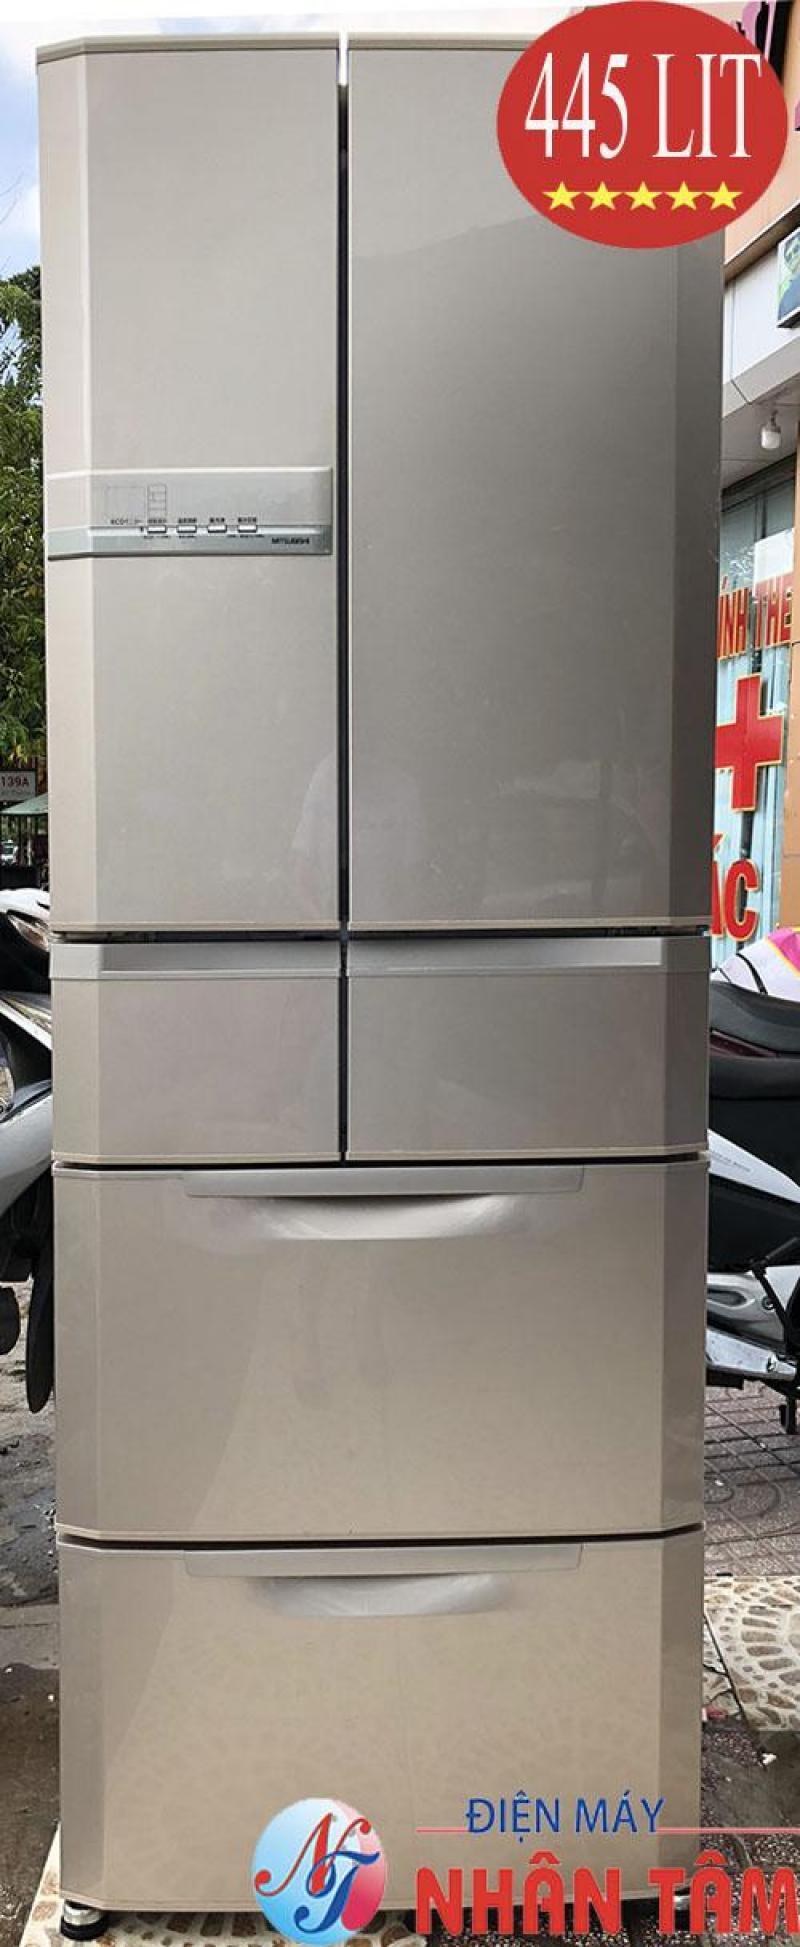 Tủ lạnh nội địa Mitsubishi MR-E45R Eco,đời 2009